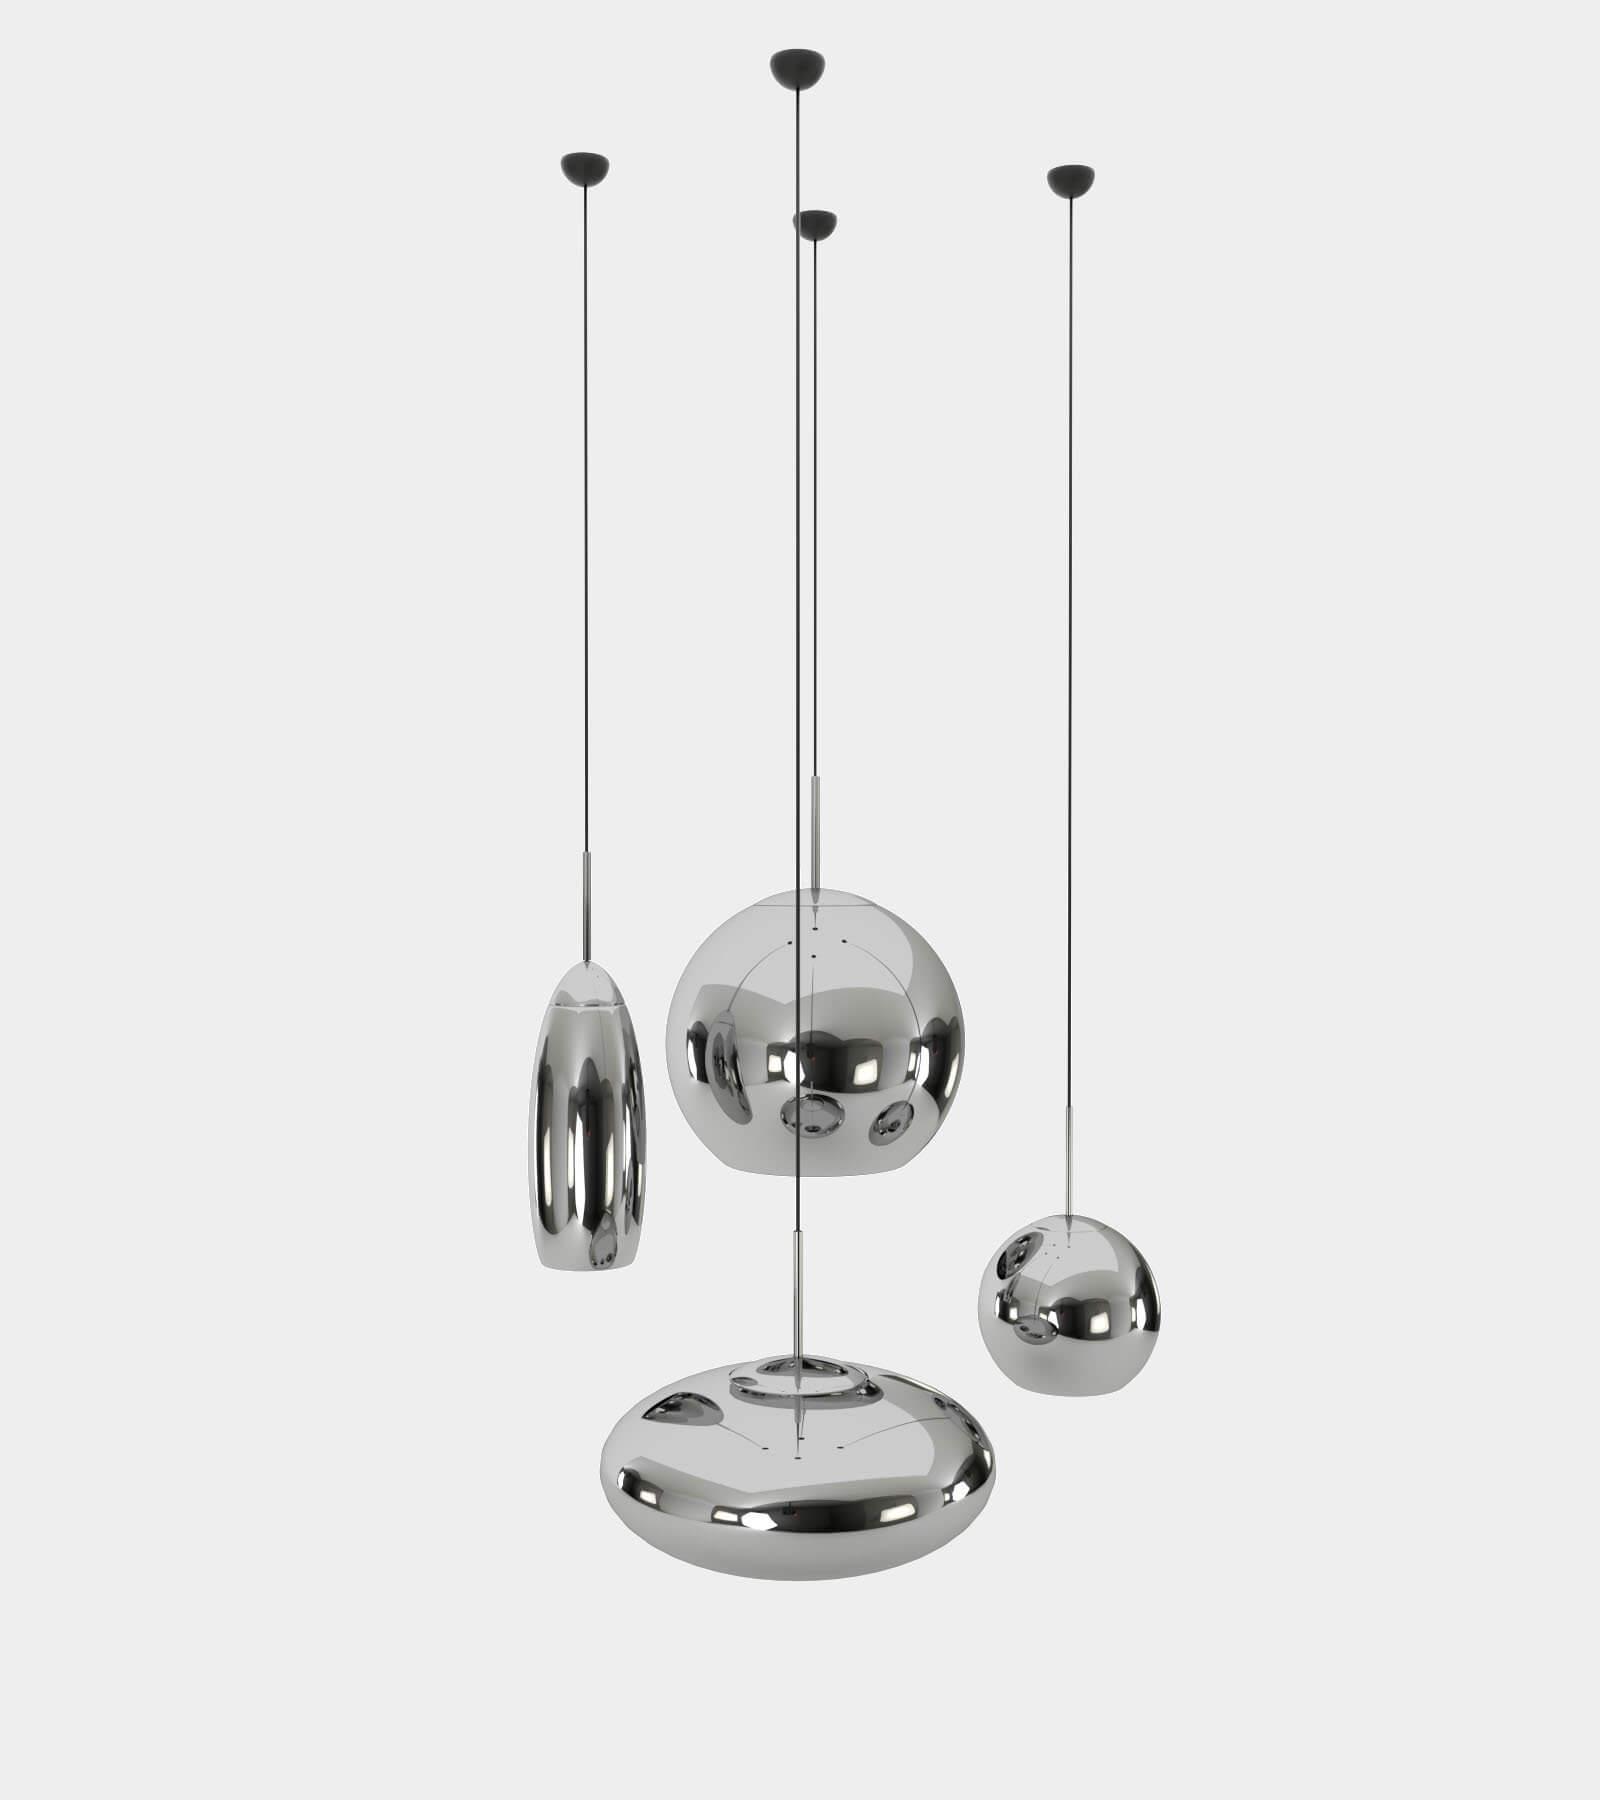 Copper round pendant lamp set-21 3D Model